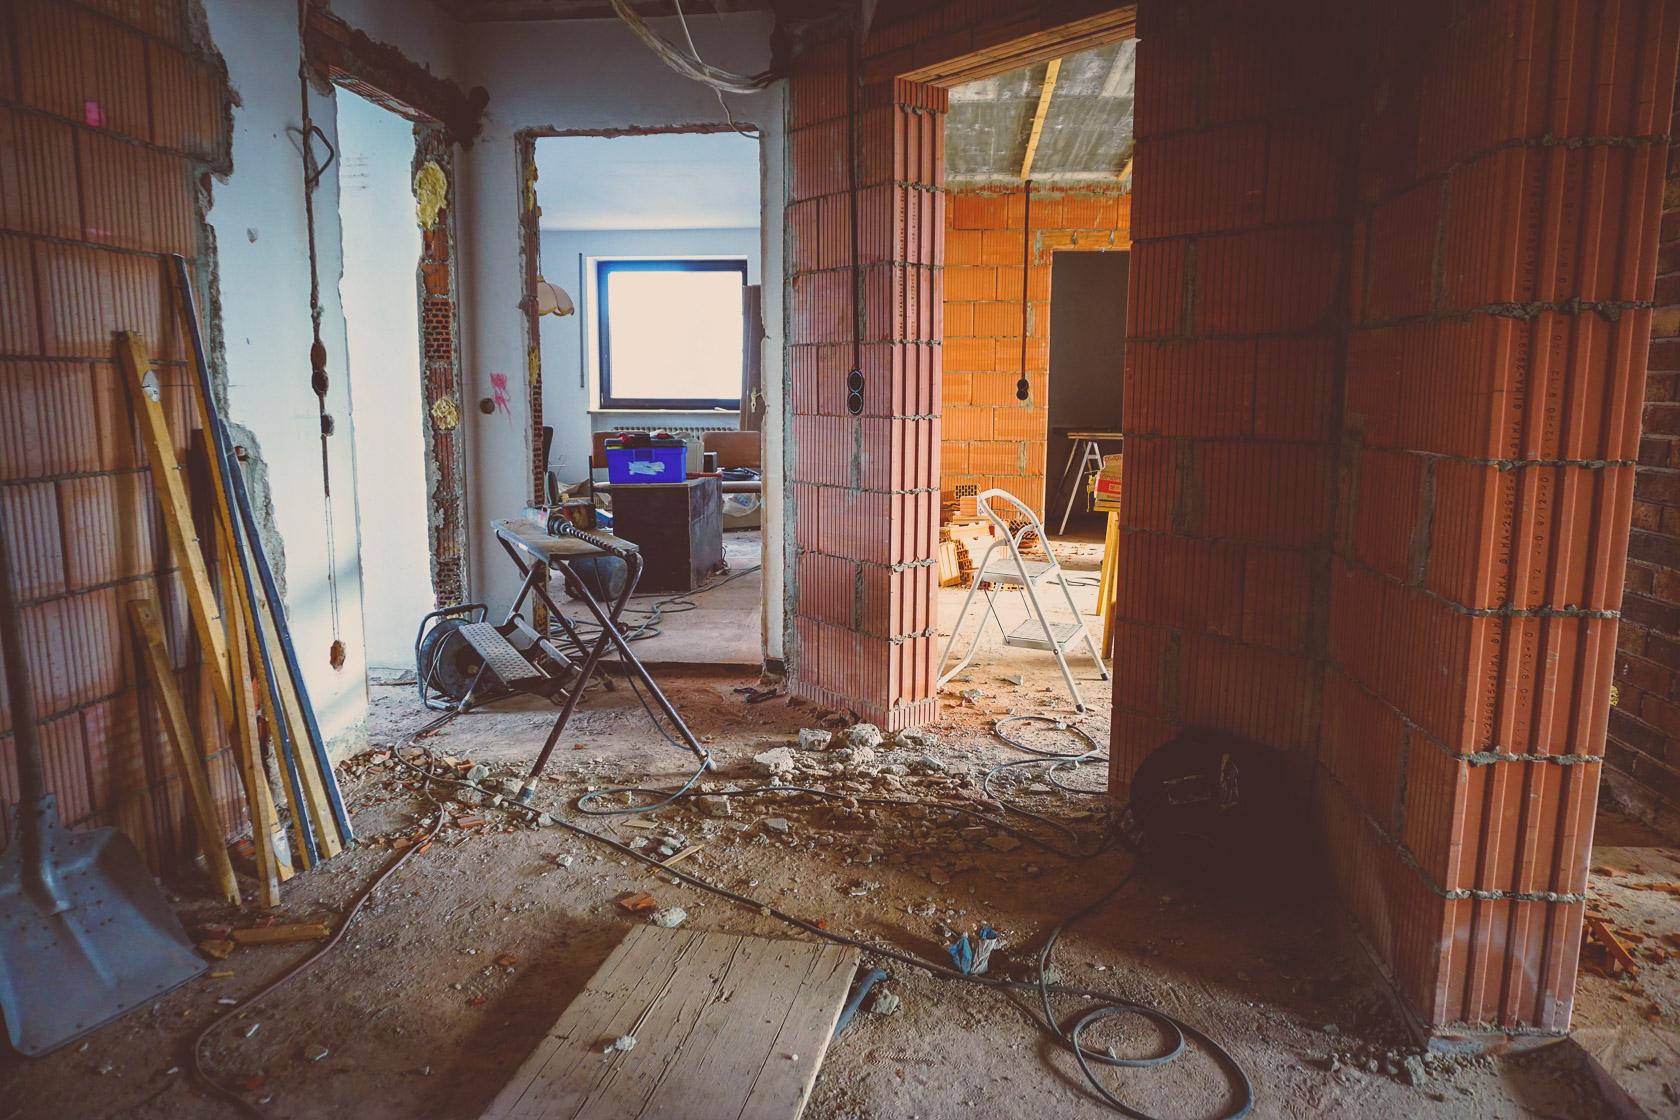 Wir Renovieren Gerade Unsere Neue/alte Wohnung Und Versuchen So Viel Wie  Möglich Fertig Zu Bekommen Bevor Die Hochzeitsreise 2016 Wenig Raum Dafür  Lässt.